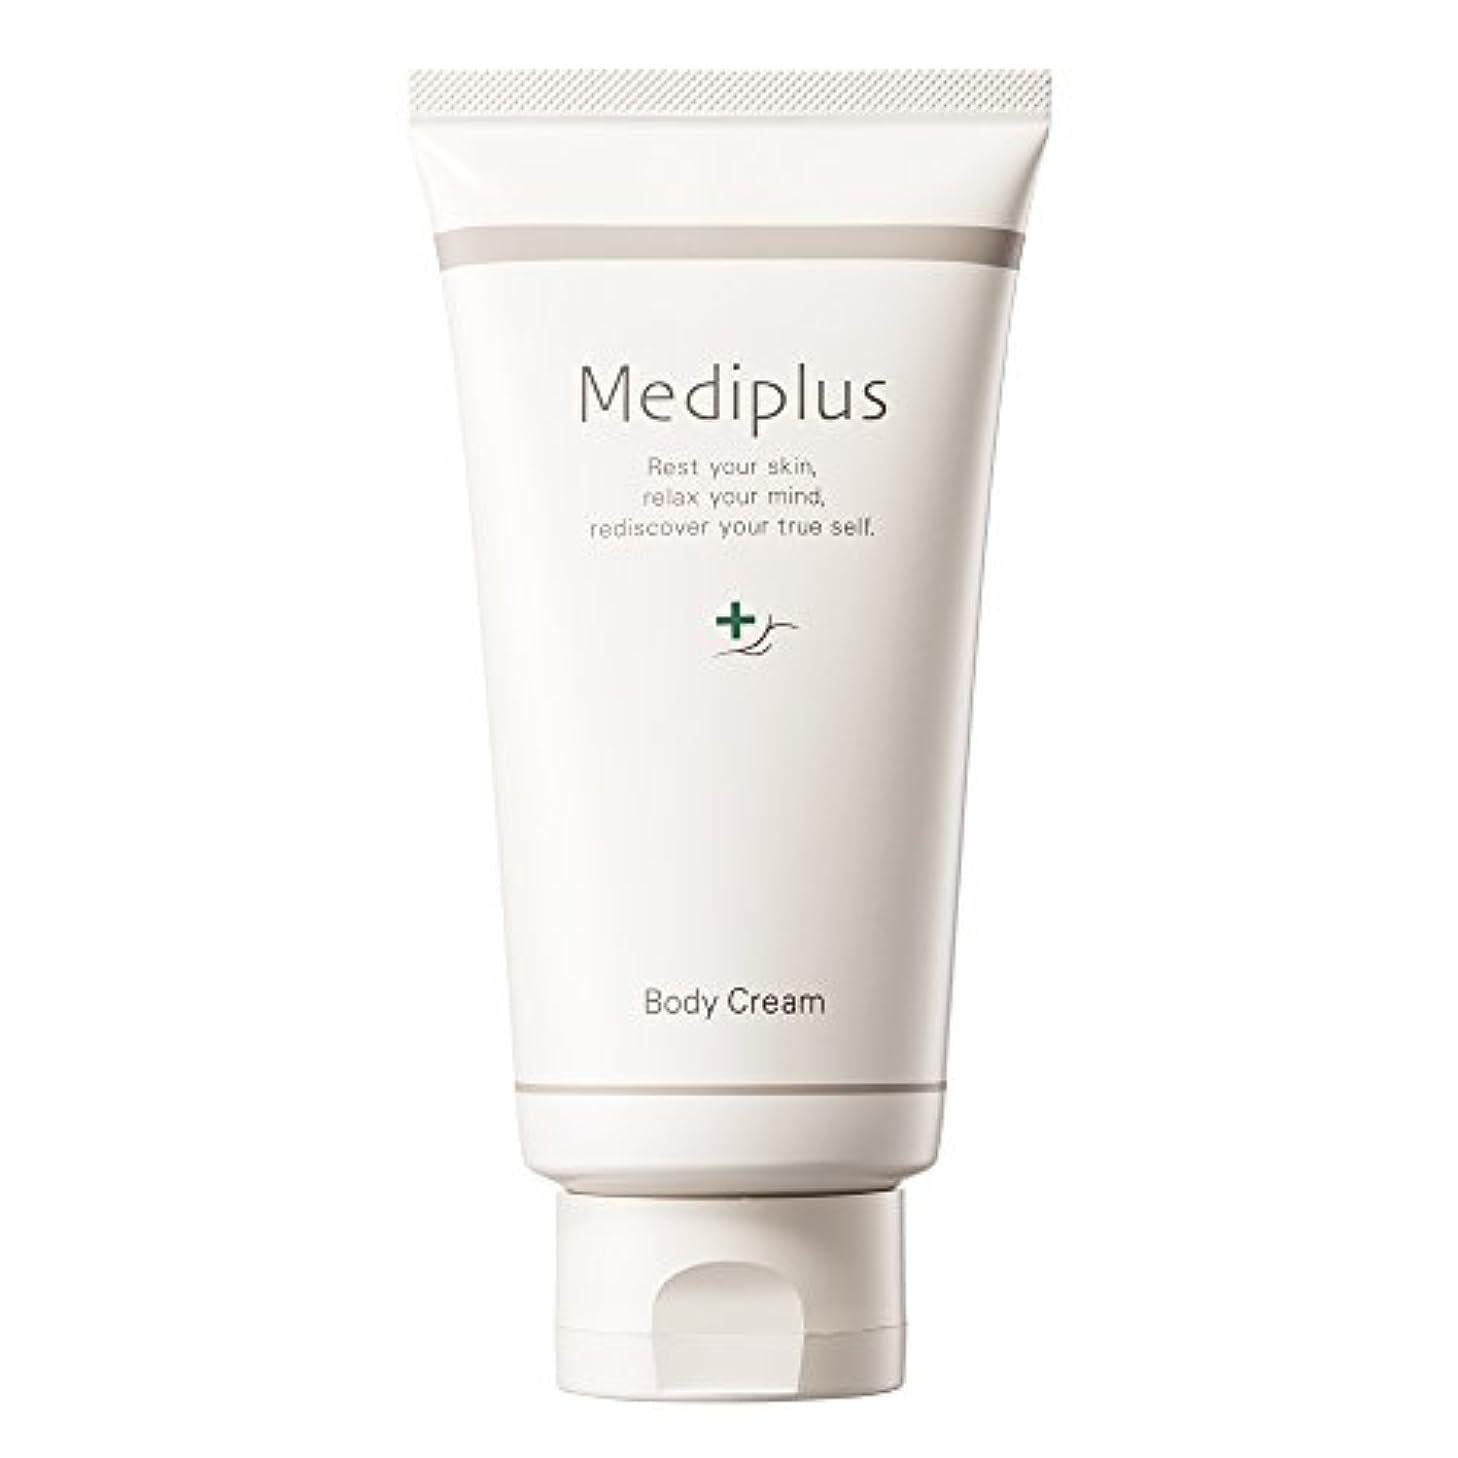 メーカーストッキング差mediplus メディプラスボディクリーム 150g(約2ヵ月分)